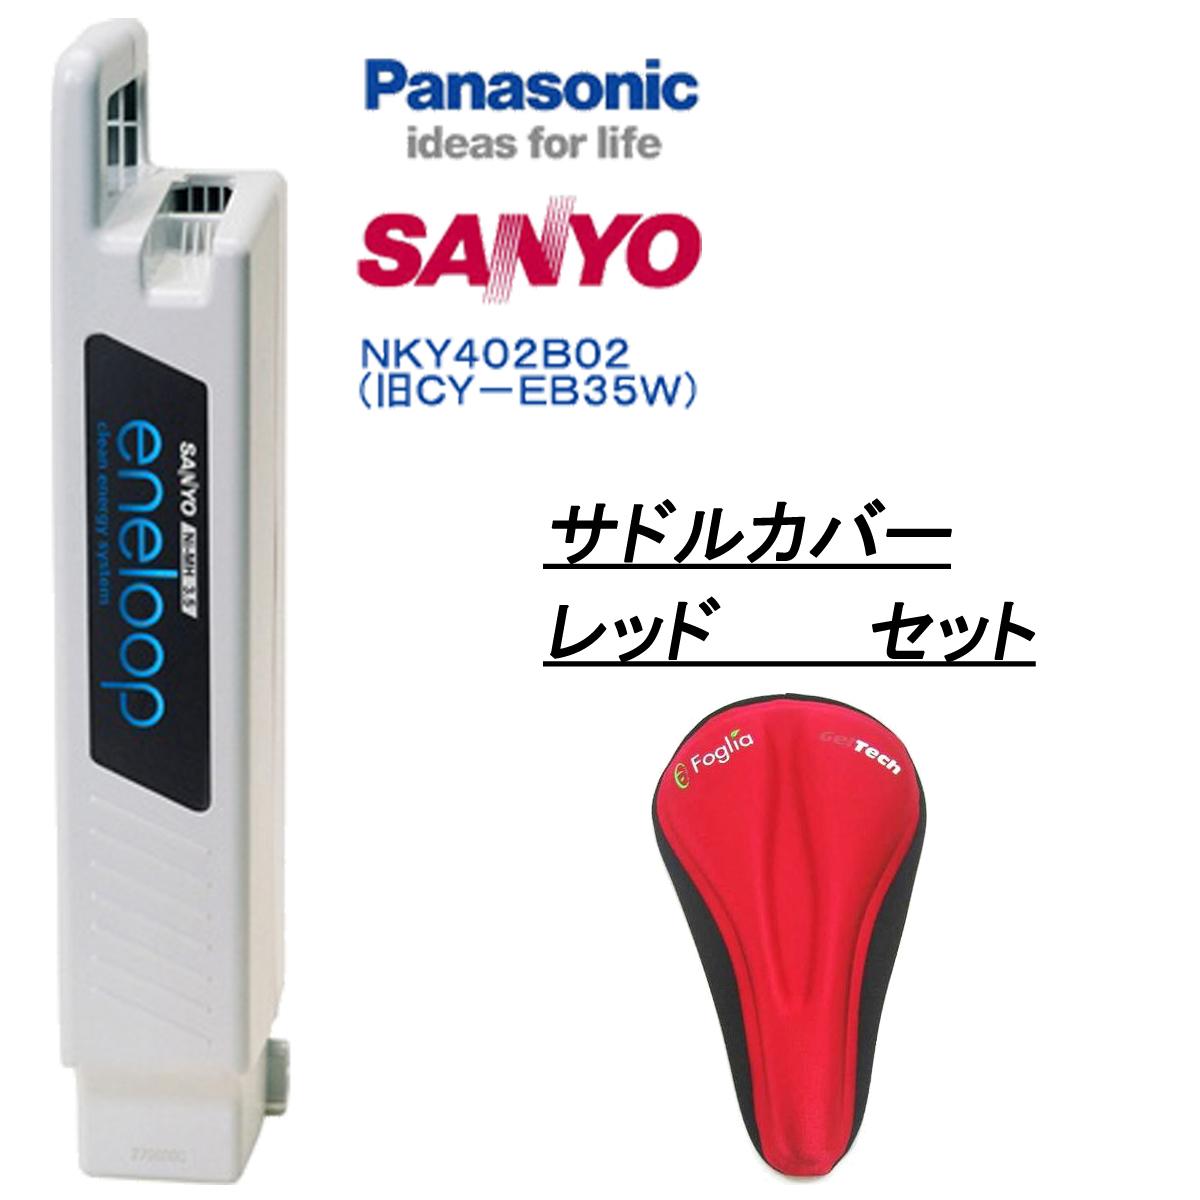 サンヨー電動自転車バッテリー ニッケル水素 NKY402B02 (旧CY-EB35W)ゲルテックサドルカバーレッド セット